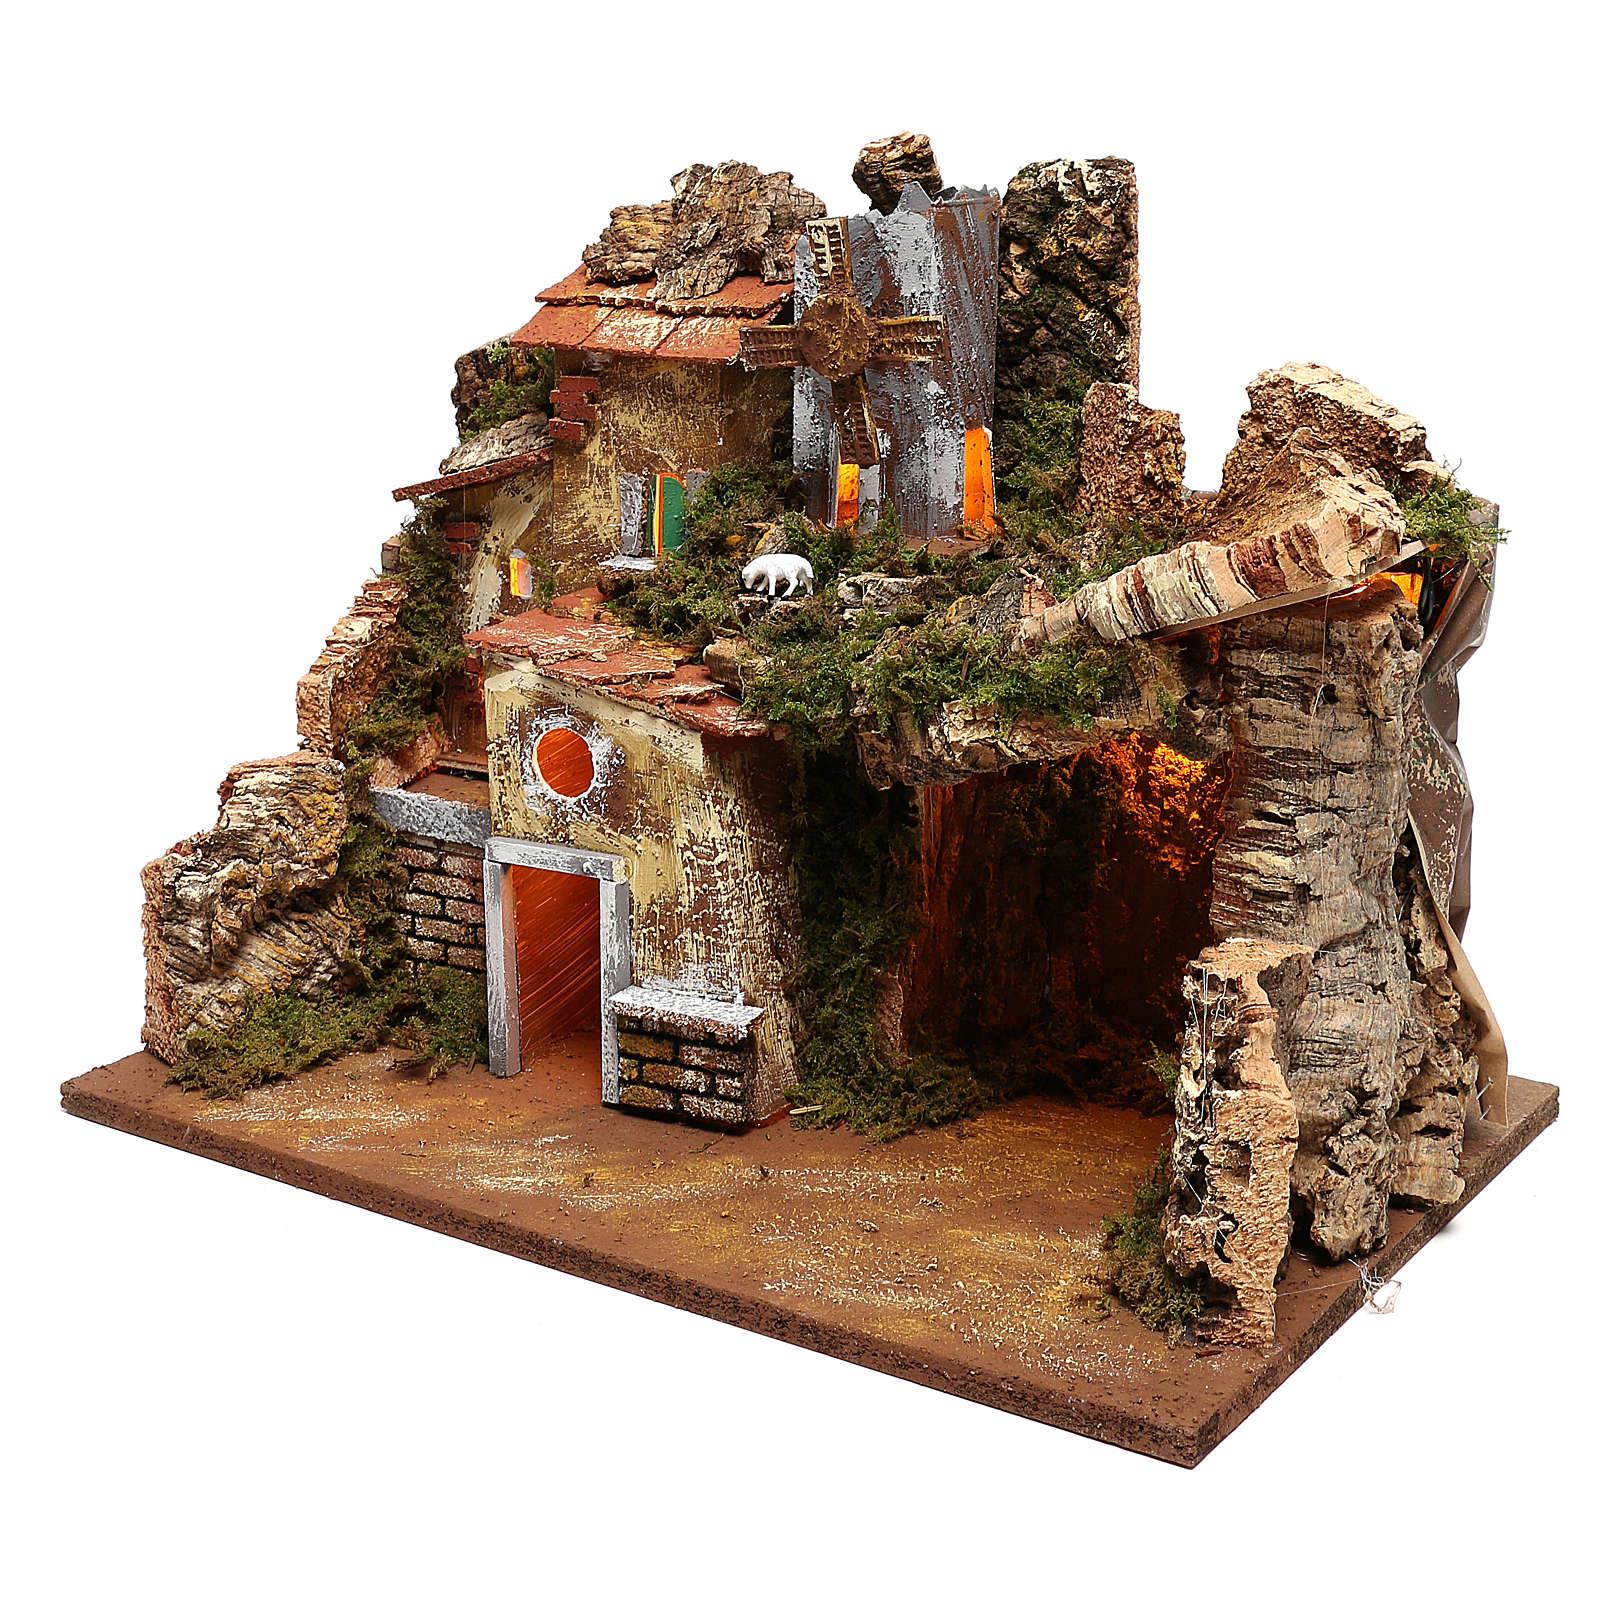 Paisaje casas y molino de viento que funciona belenes 9 cm 4